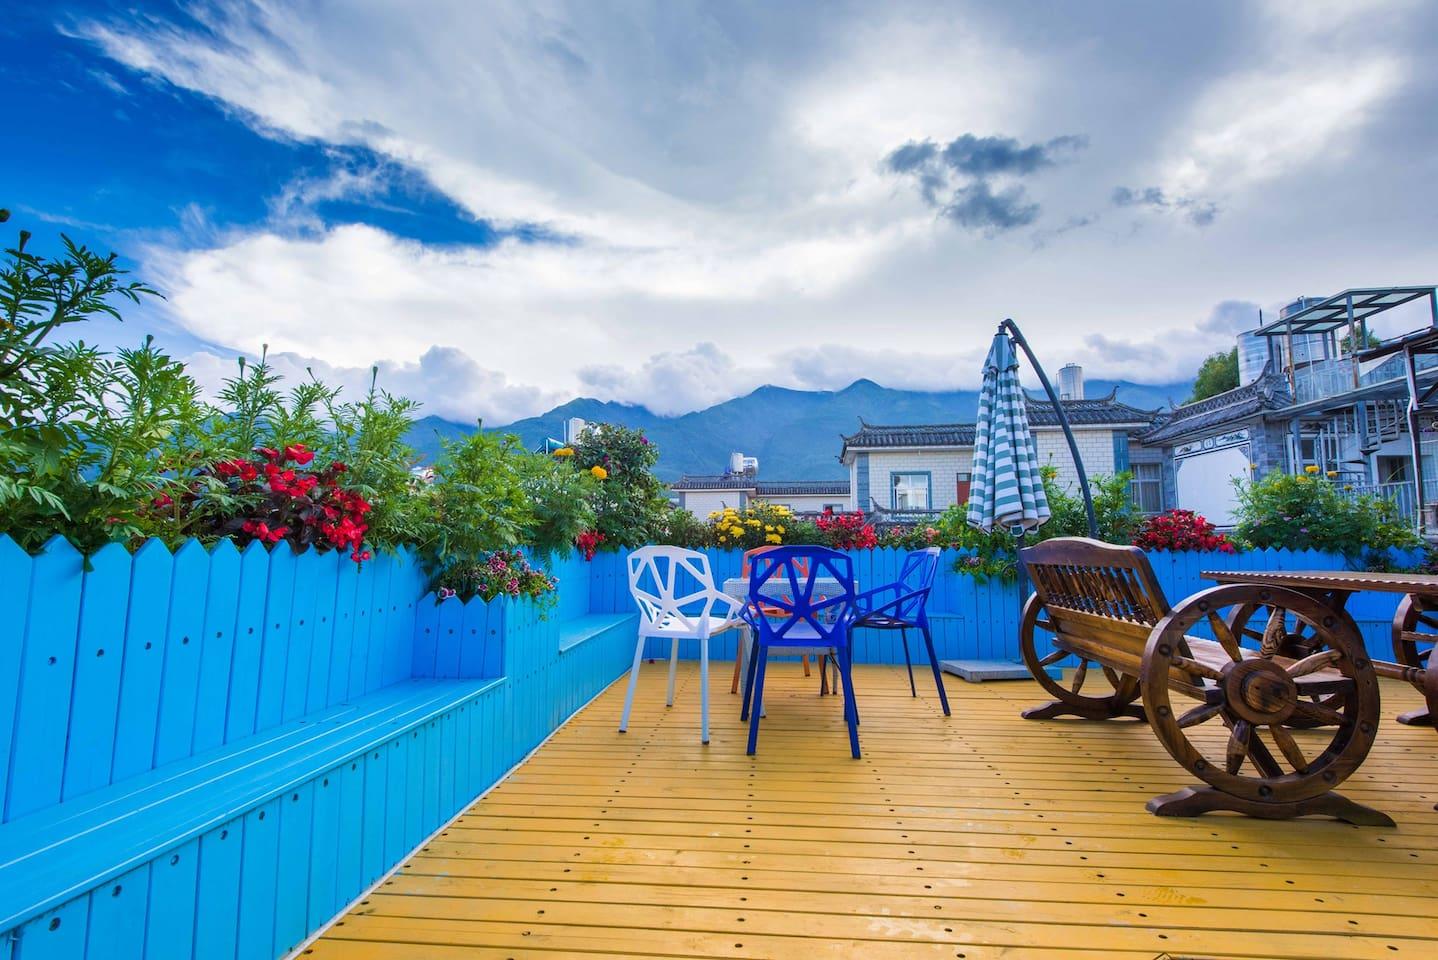 楼顶小花园,可以休憩,直接可看到苍山